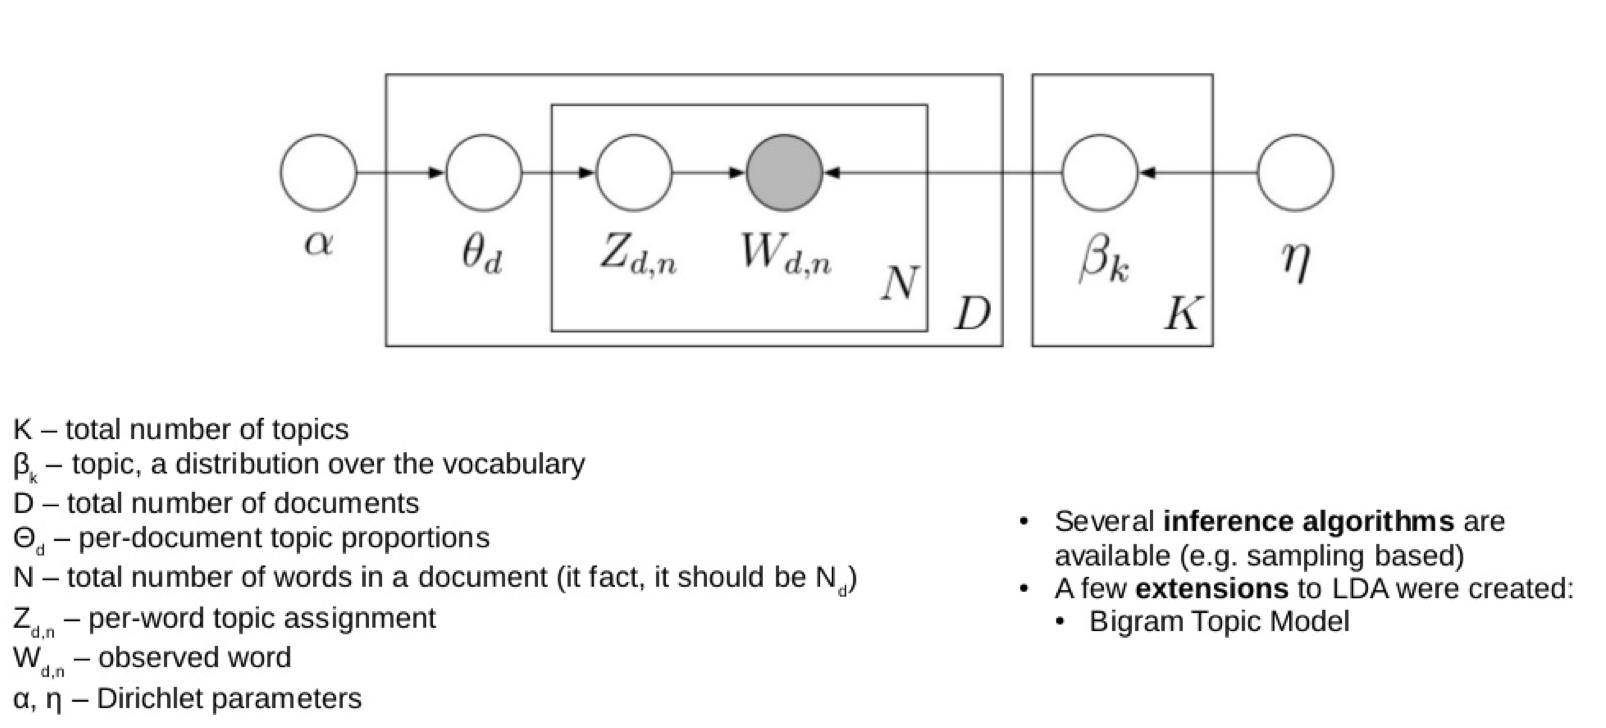 Fig2 - LDA classic model